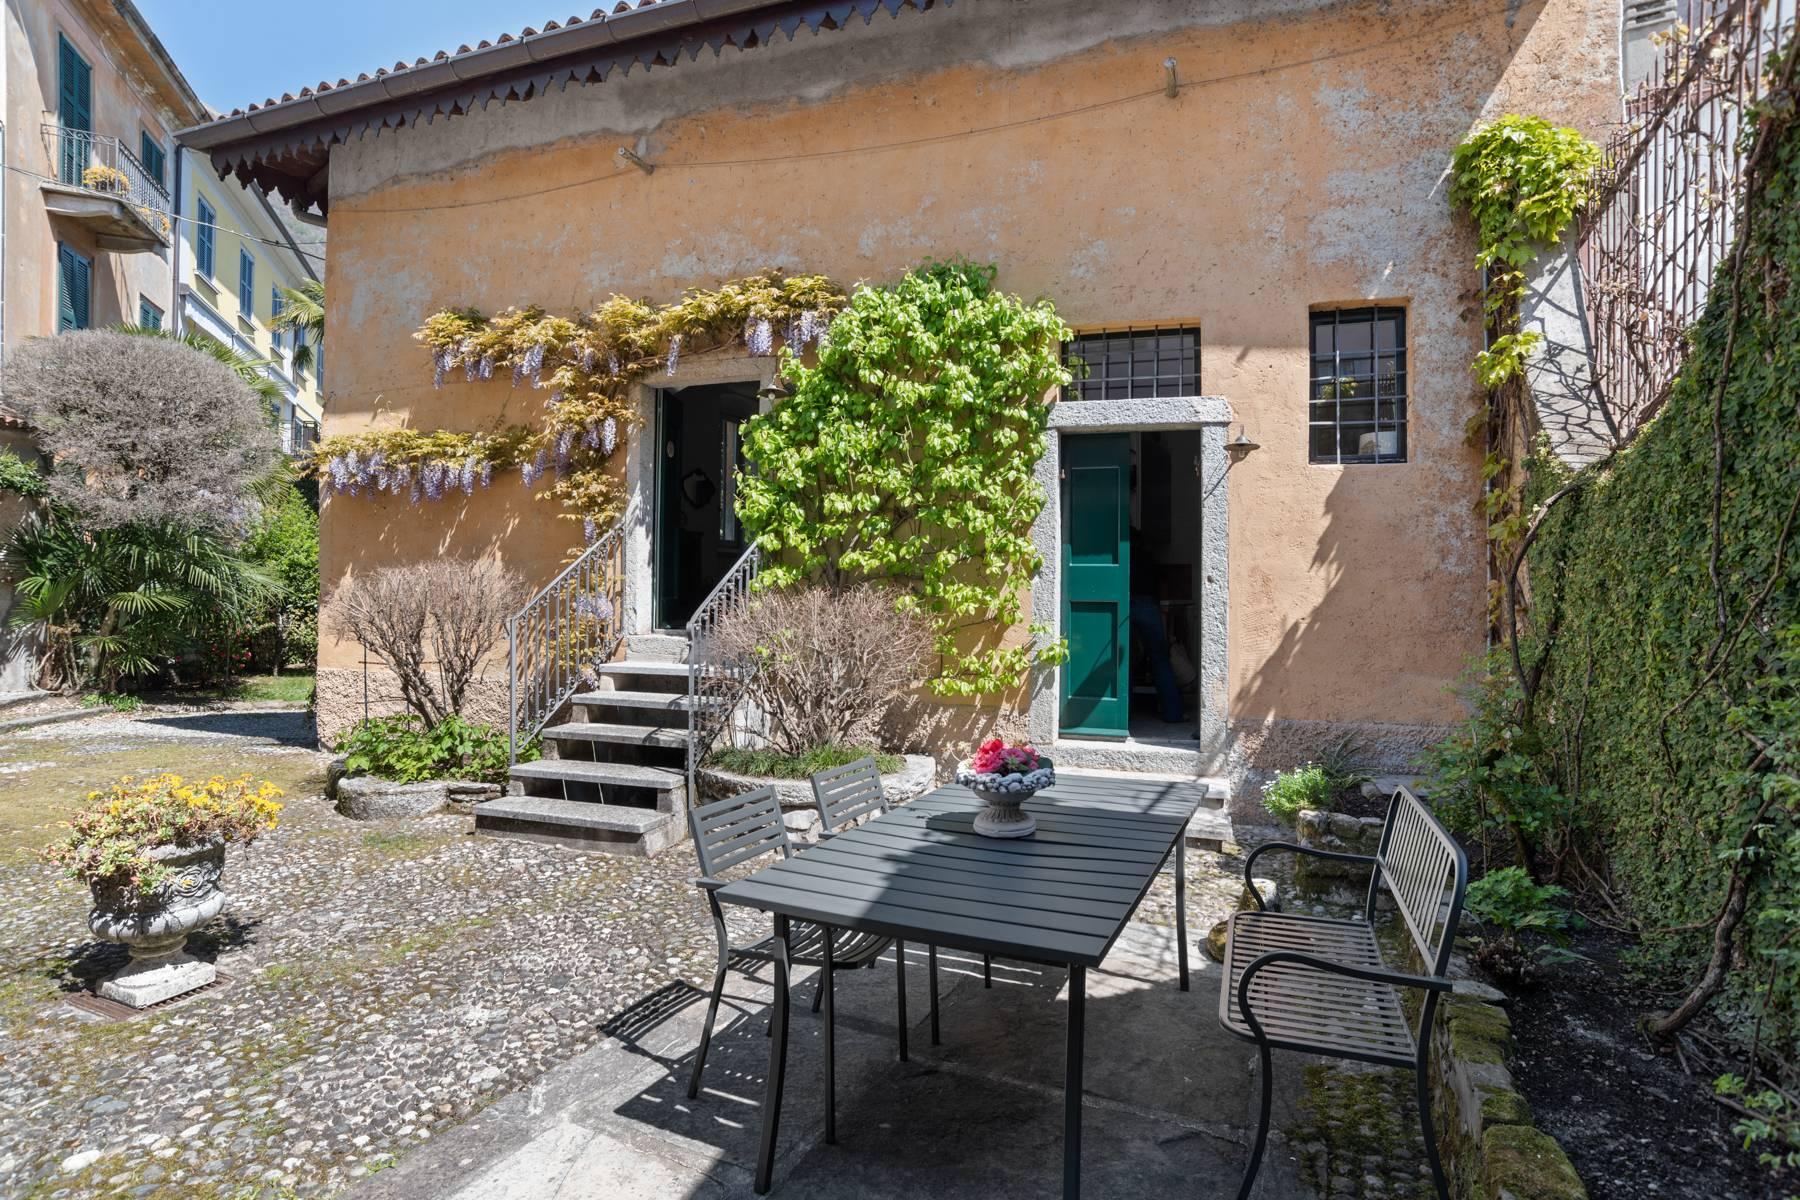 Villa in Vendita a Tremezzina: 5 locali, 650 mq - Foto 9